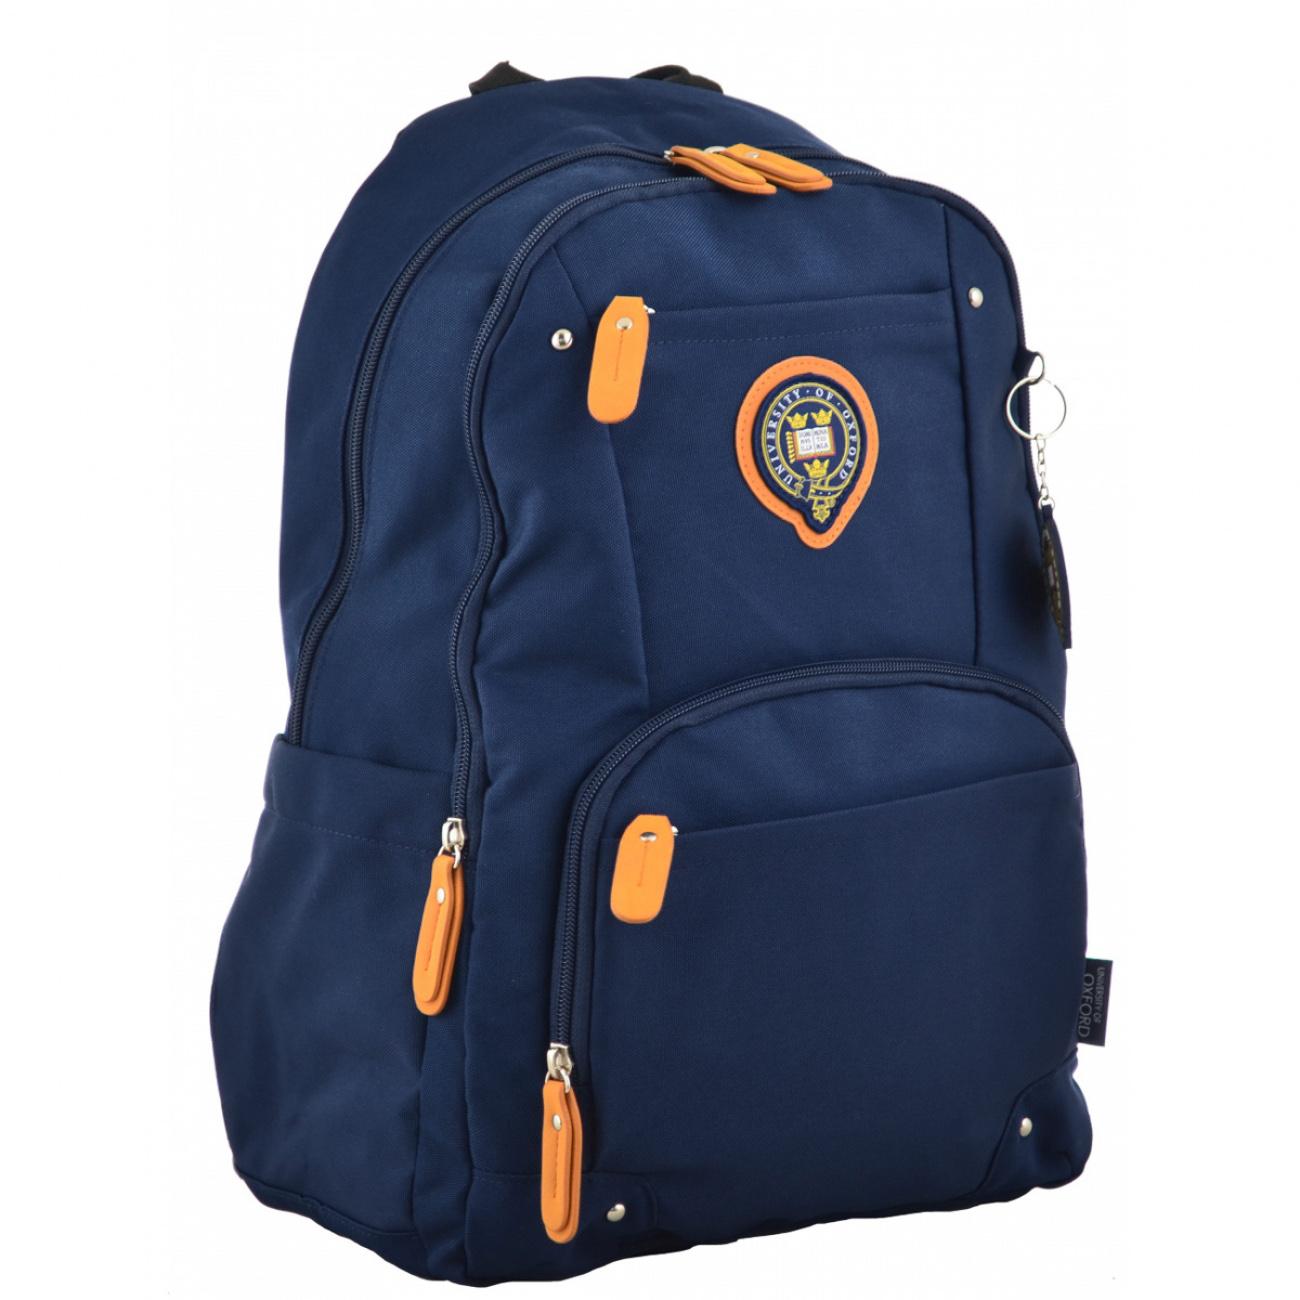 Рюкзак молодежный OX 347, 45*29.5*14, синий